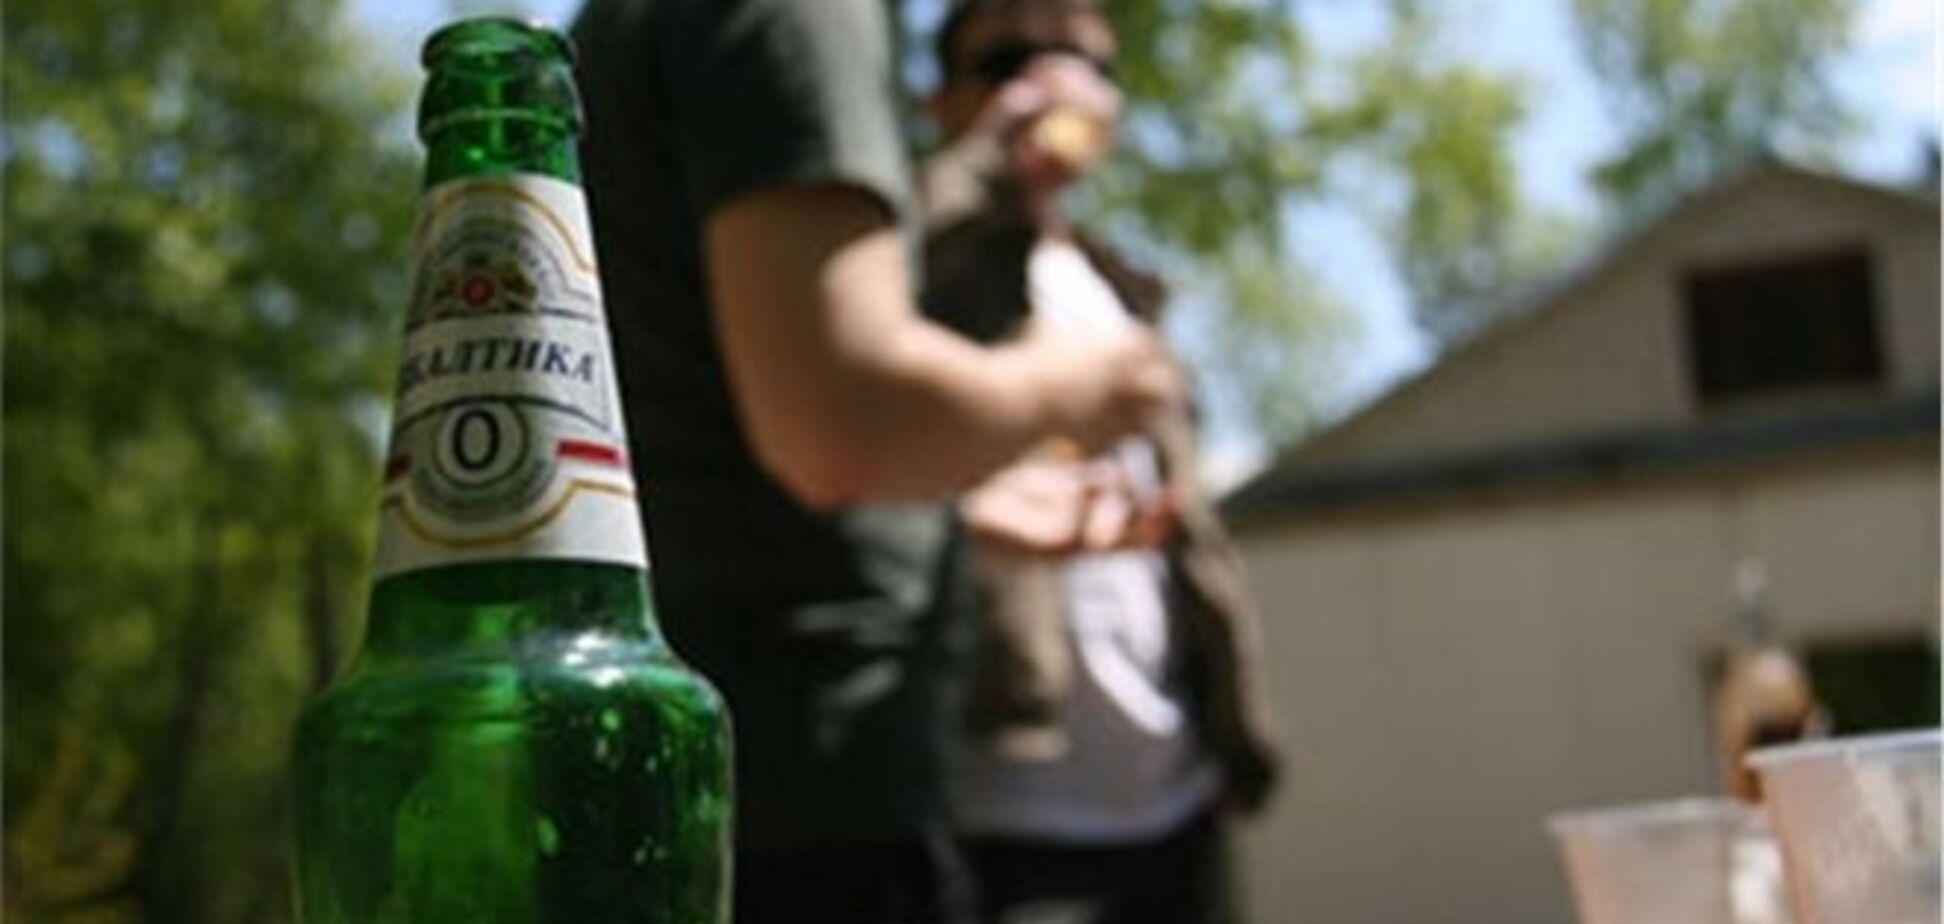 Побитий у Луганську тележурналіст був п'яний - міліція